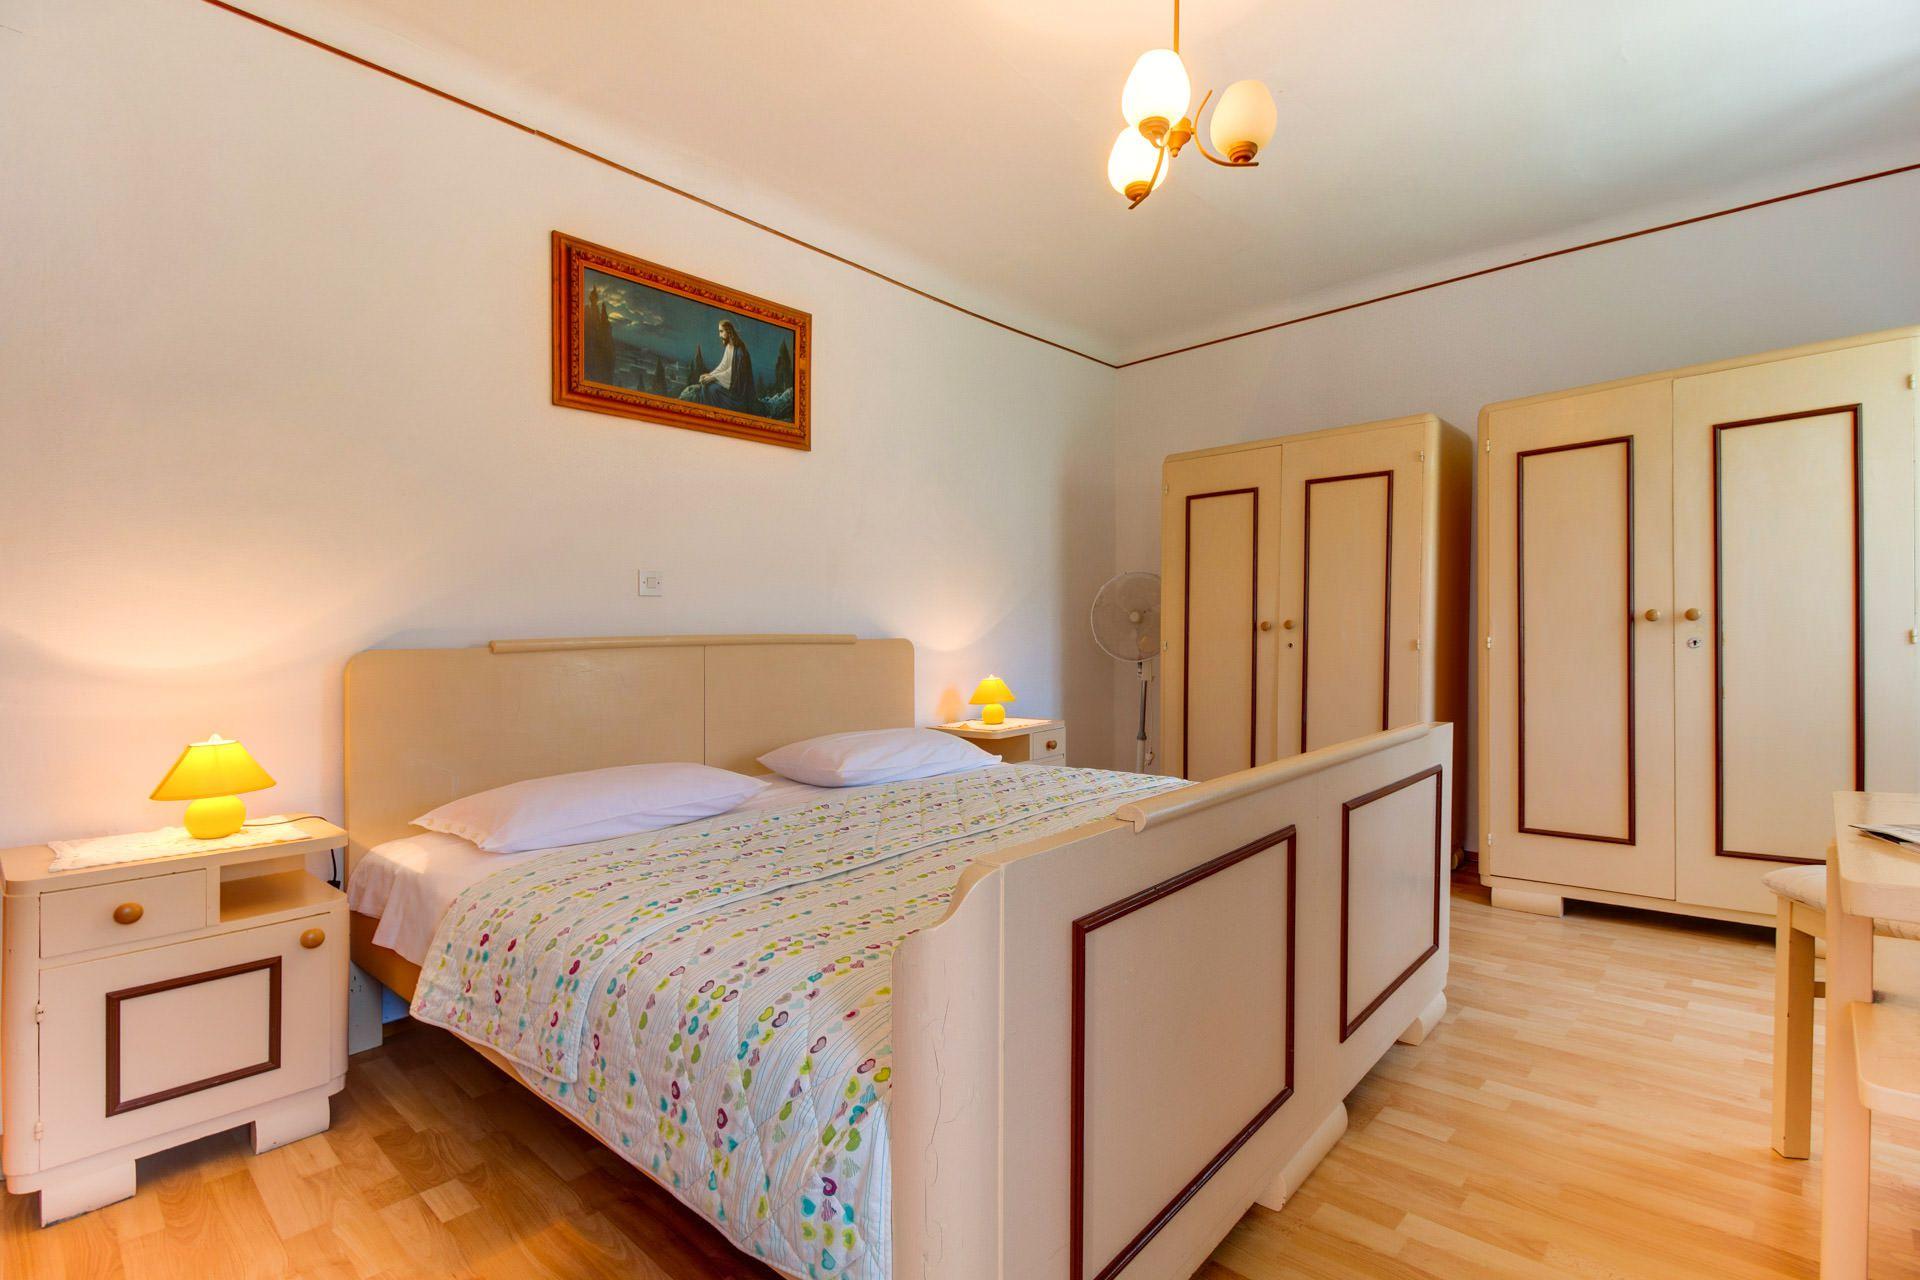 Lussino case vacanze lussino lussingrande appartamento for Piani appartamento 1 camera da letto